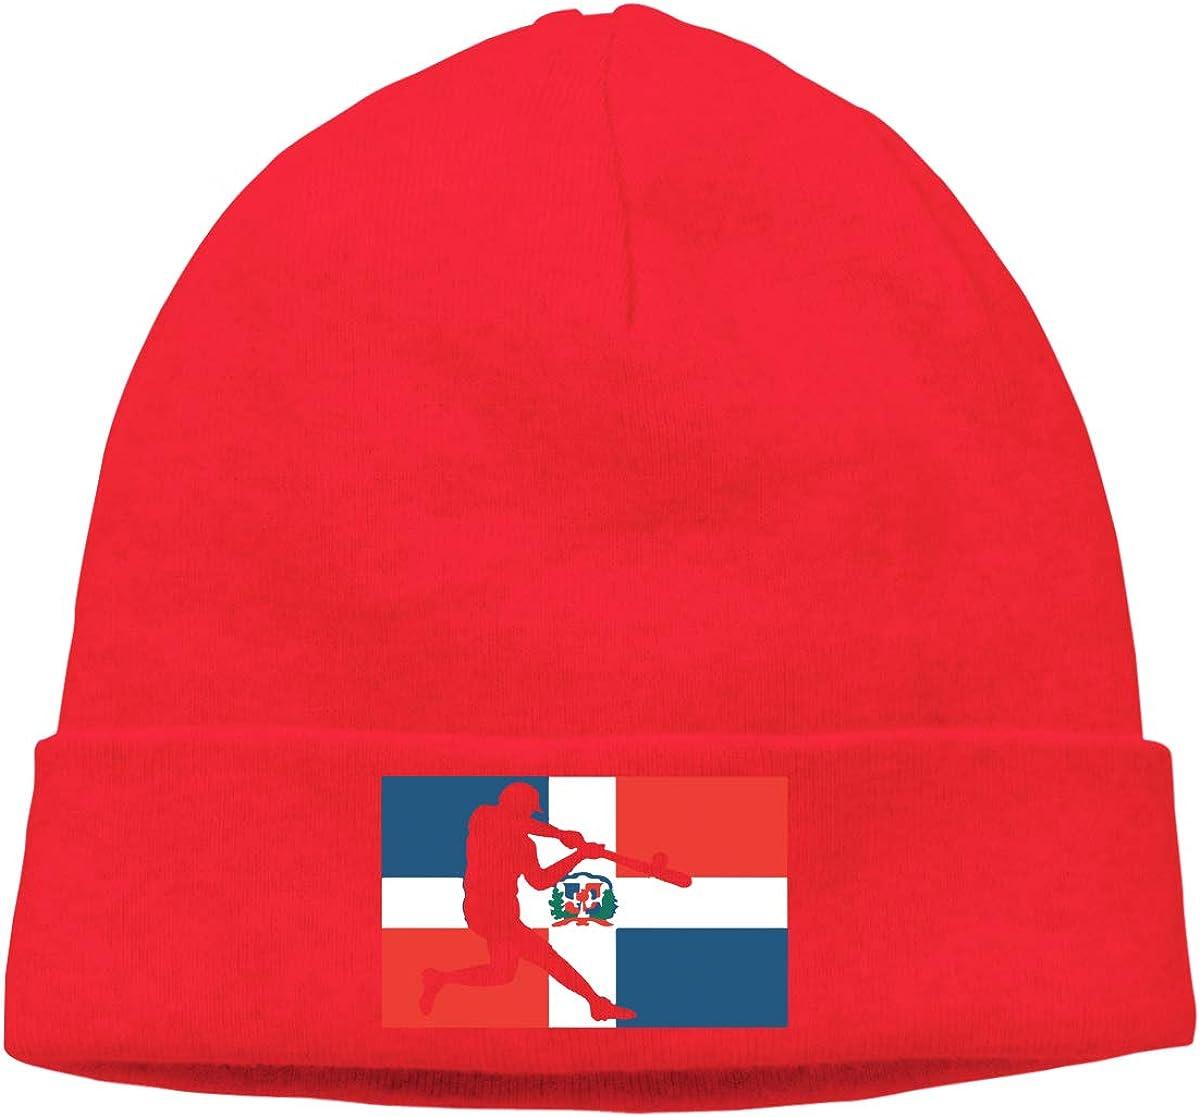 09/&JGJG Dominican Republic Baseball Flag Men and Women Fleece Beanie Hat Winter Warm Knit Beanie Cap